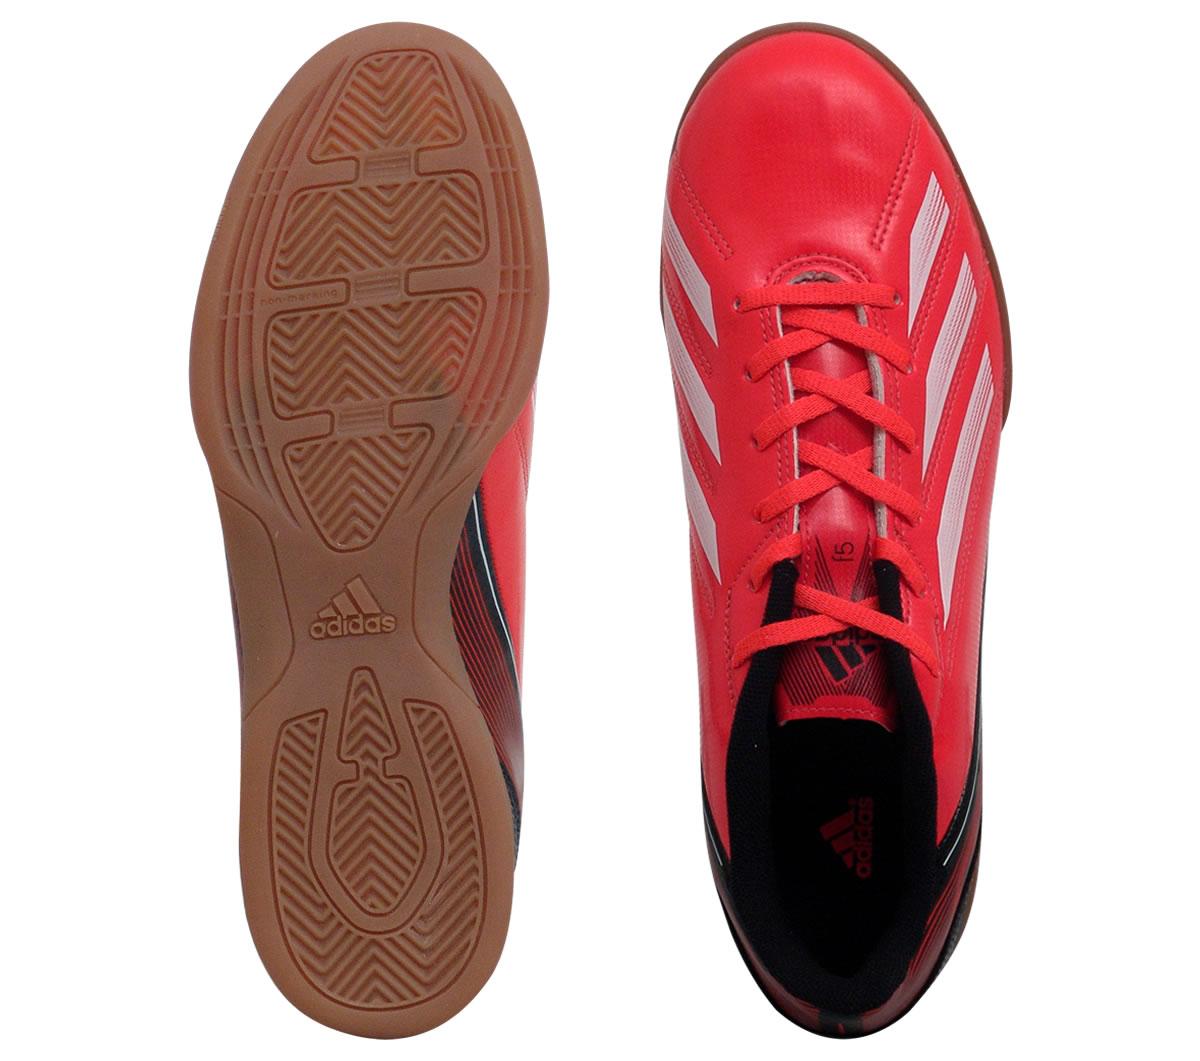 f694115bb0 Tênis Adidas F5 Futsal Laranja Tênis Adidas F5 Futsal Laranja ...